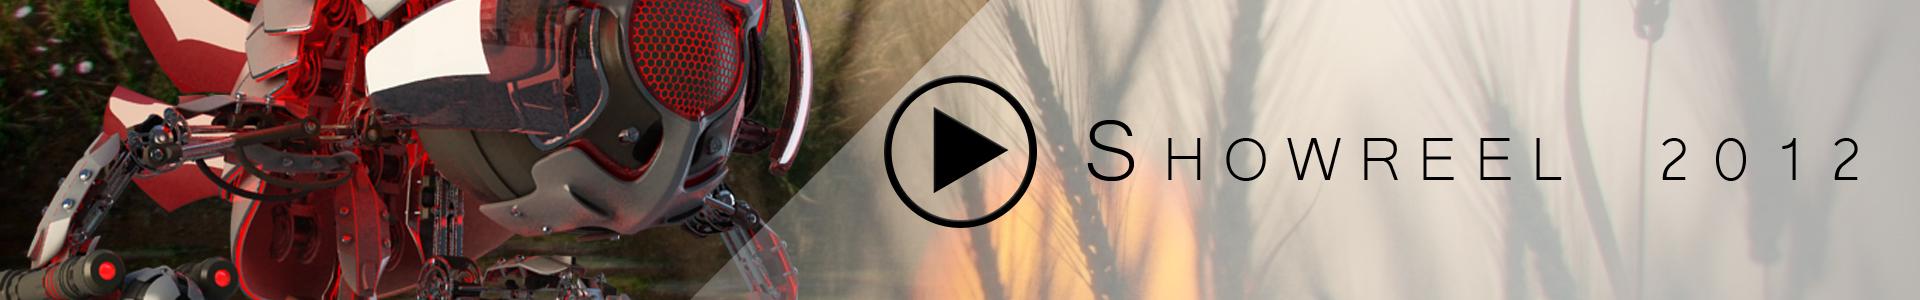 website_movie_button_showreel